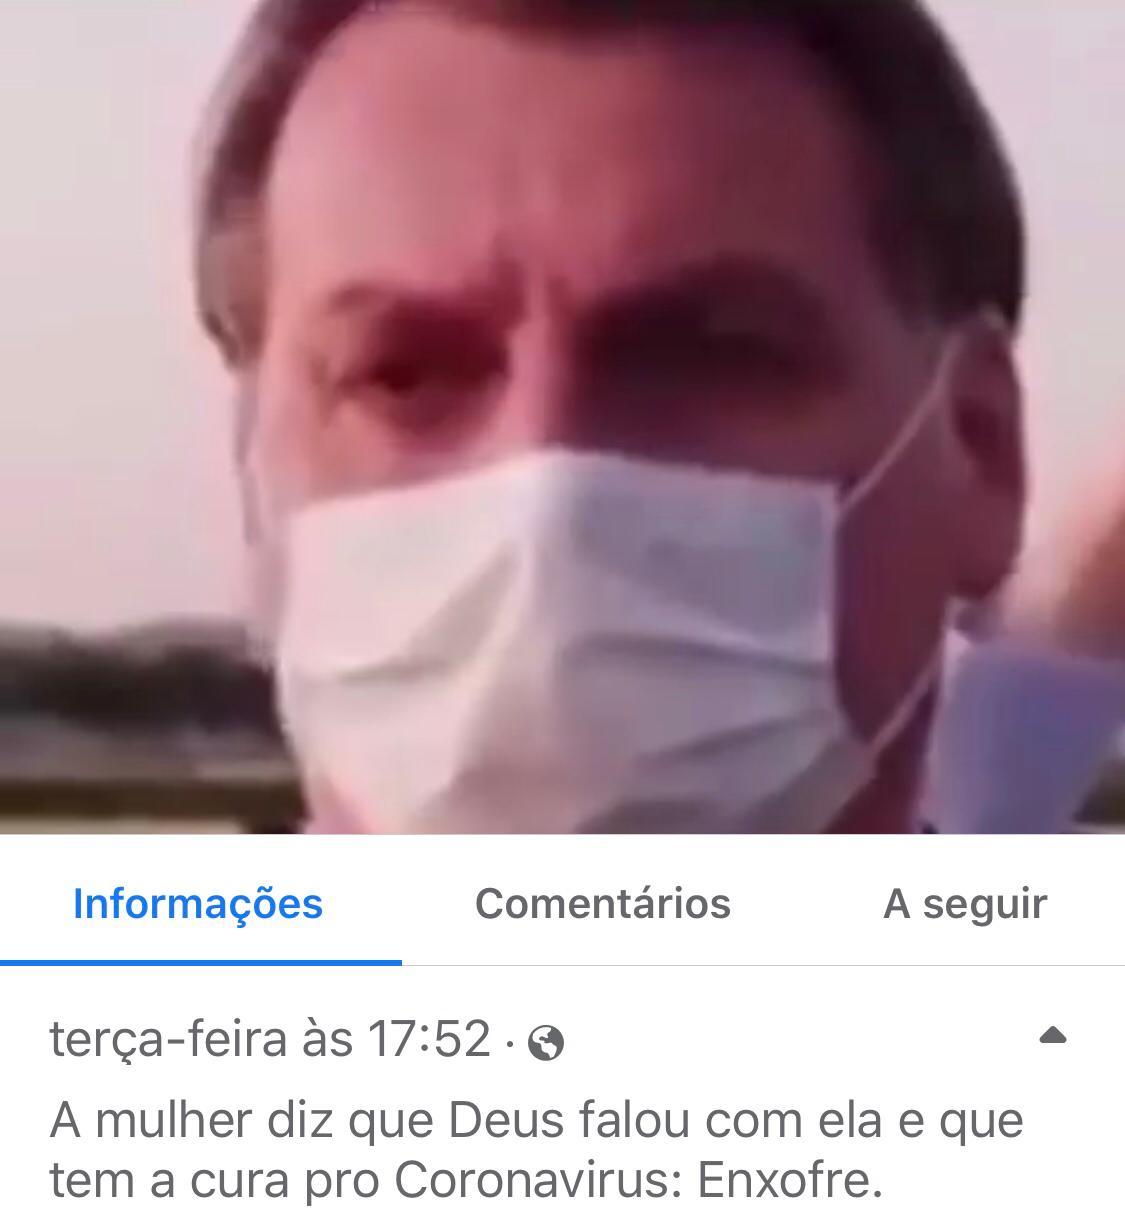 Enxofre NÃO cura coronavírus